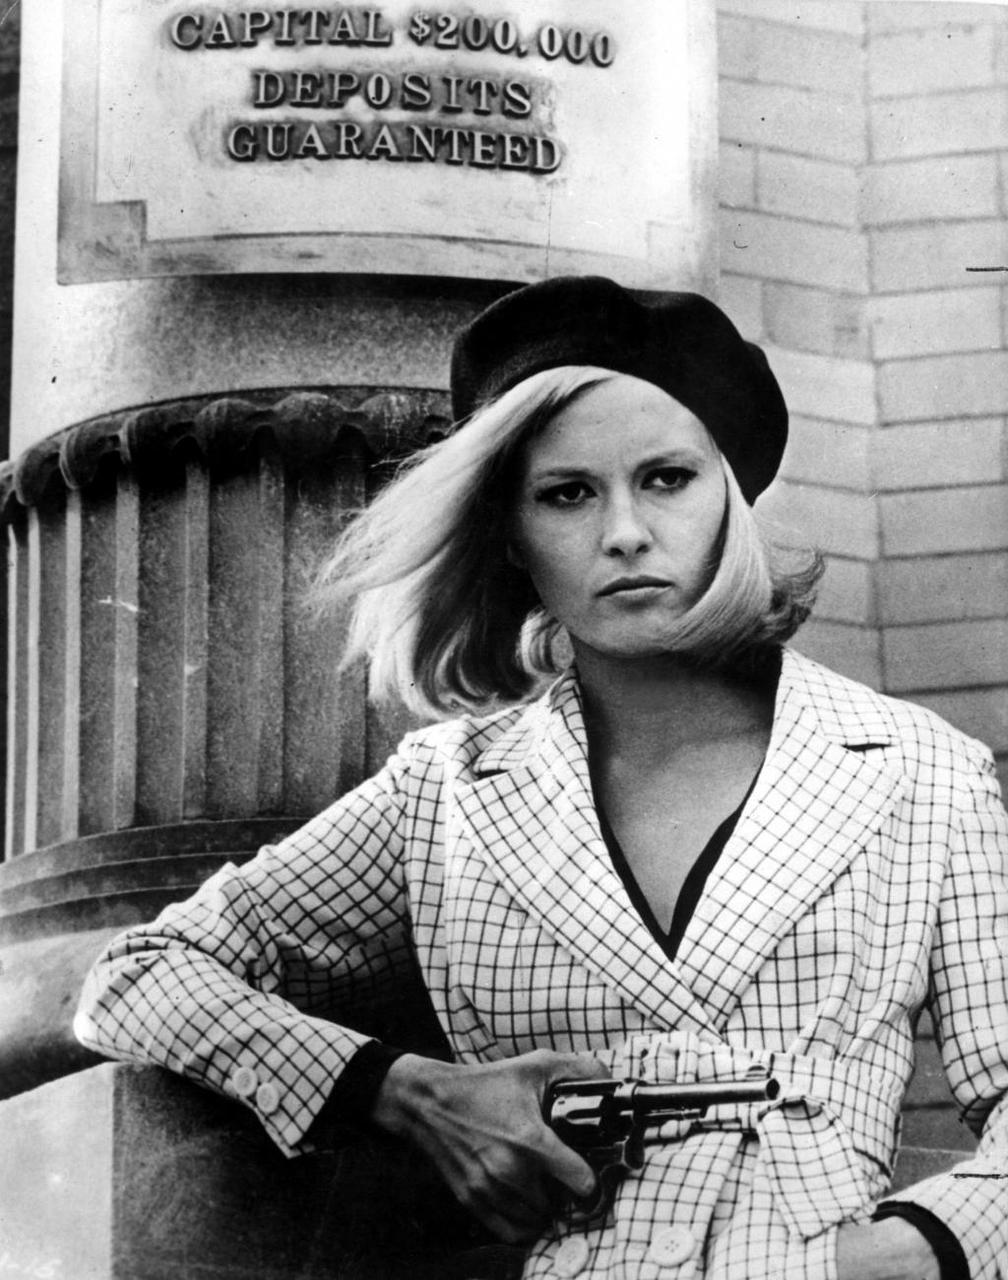 Bonnie & Clyde Womens Fashion |